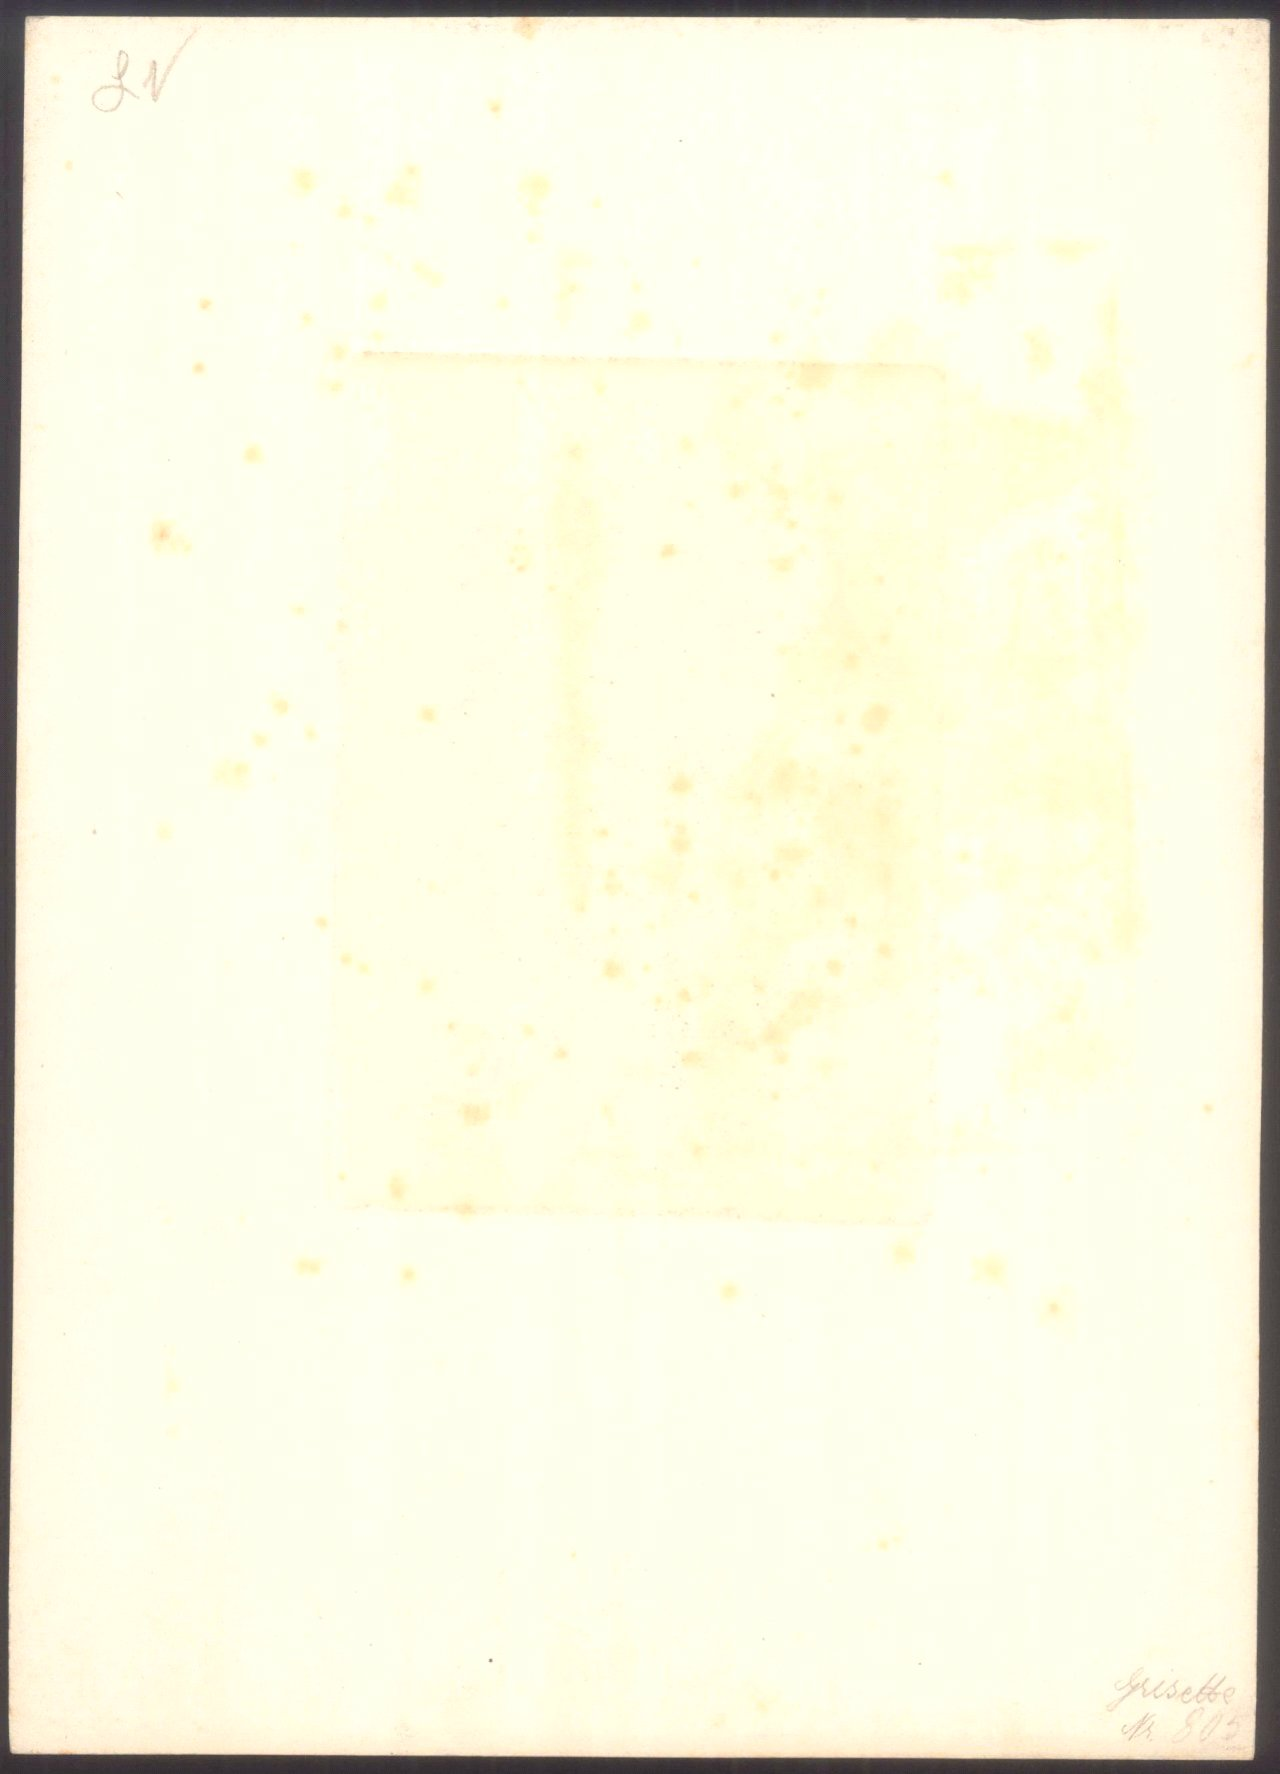 Ernst Busch 1920. Gisette-2